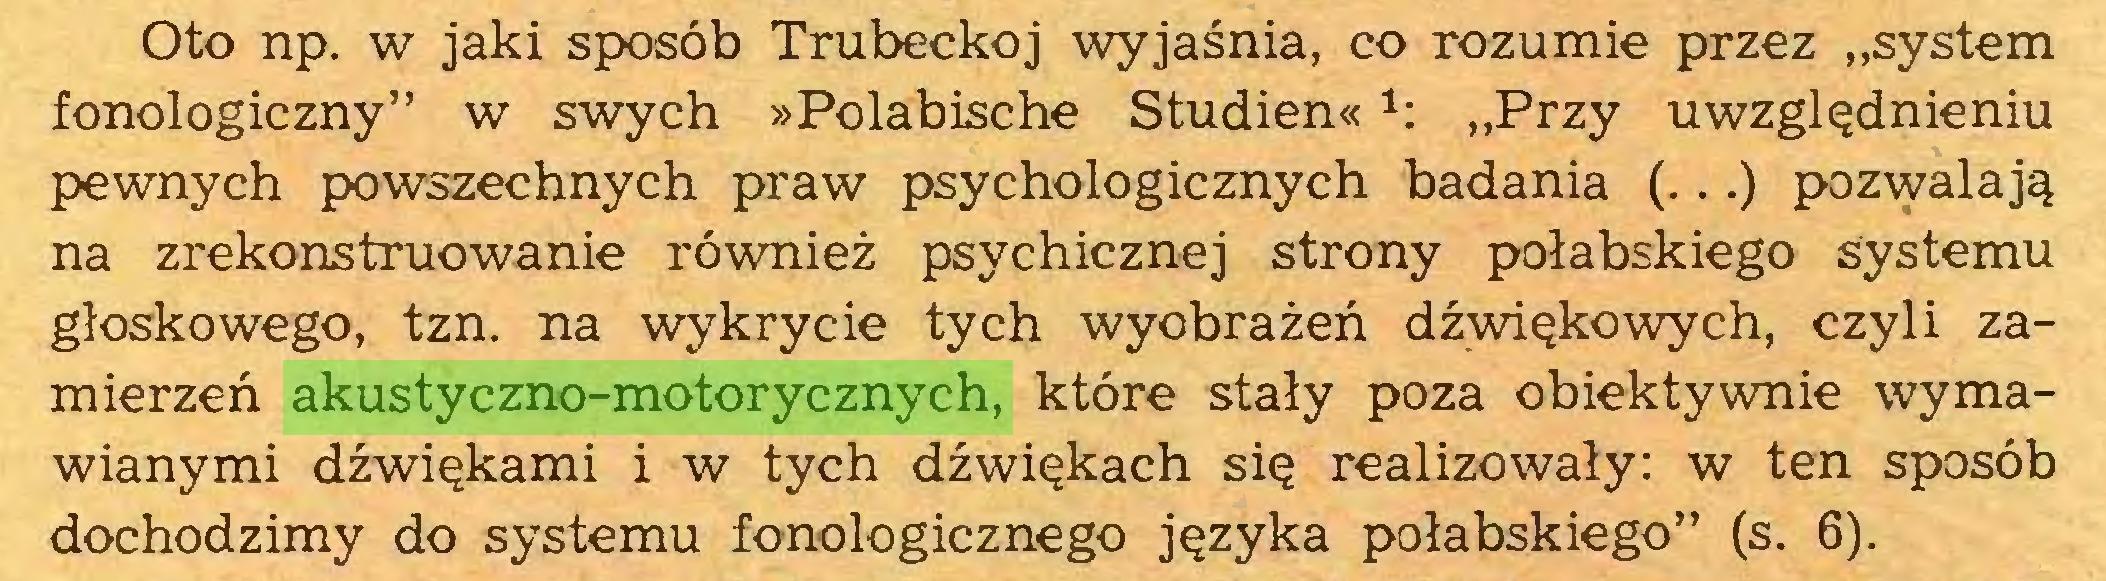 """(...) Oto np. w jaki sposób Trubeckoj wyjaśnia, co rozumie przez """"system fonologiczny"""" w swych »Polabische Studien« *: """"Przy uwzględnieniu pewnych powszechnych praw psychologicznych badania (...) pozwalają na zrekonstruowanie również psychicznej strony połabskiego systemu głoskowego, tzn. na wykrycie tych wyobrażeń dźwiękowych, czyli zamierzeń akustyczno-motorycznych, które stały poza obiektywnie wymawianymi dźwiękami i w tych dźwiękach się realizowały: w ten sposób dochodzimy do systemu fonologicznego języka połabskiego"""" (s. 6)..."""